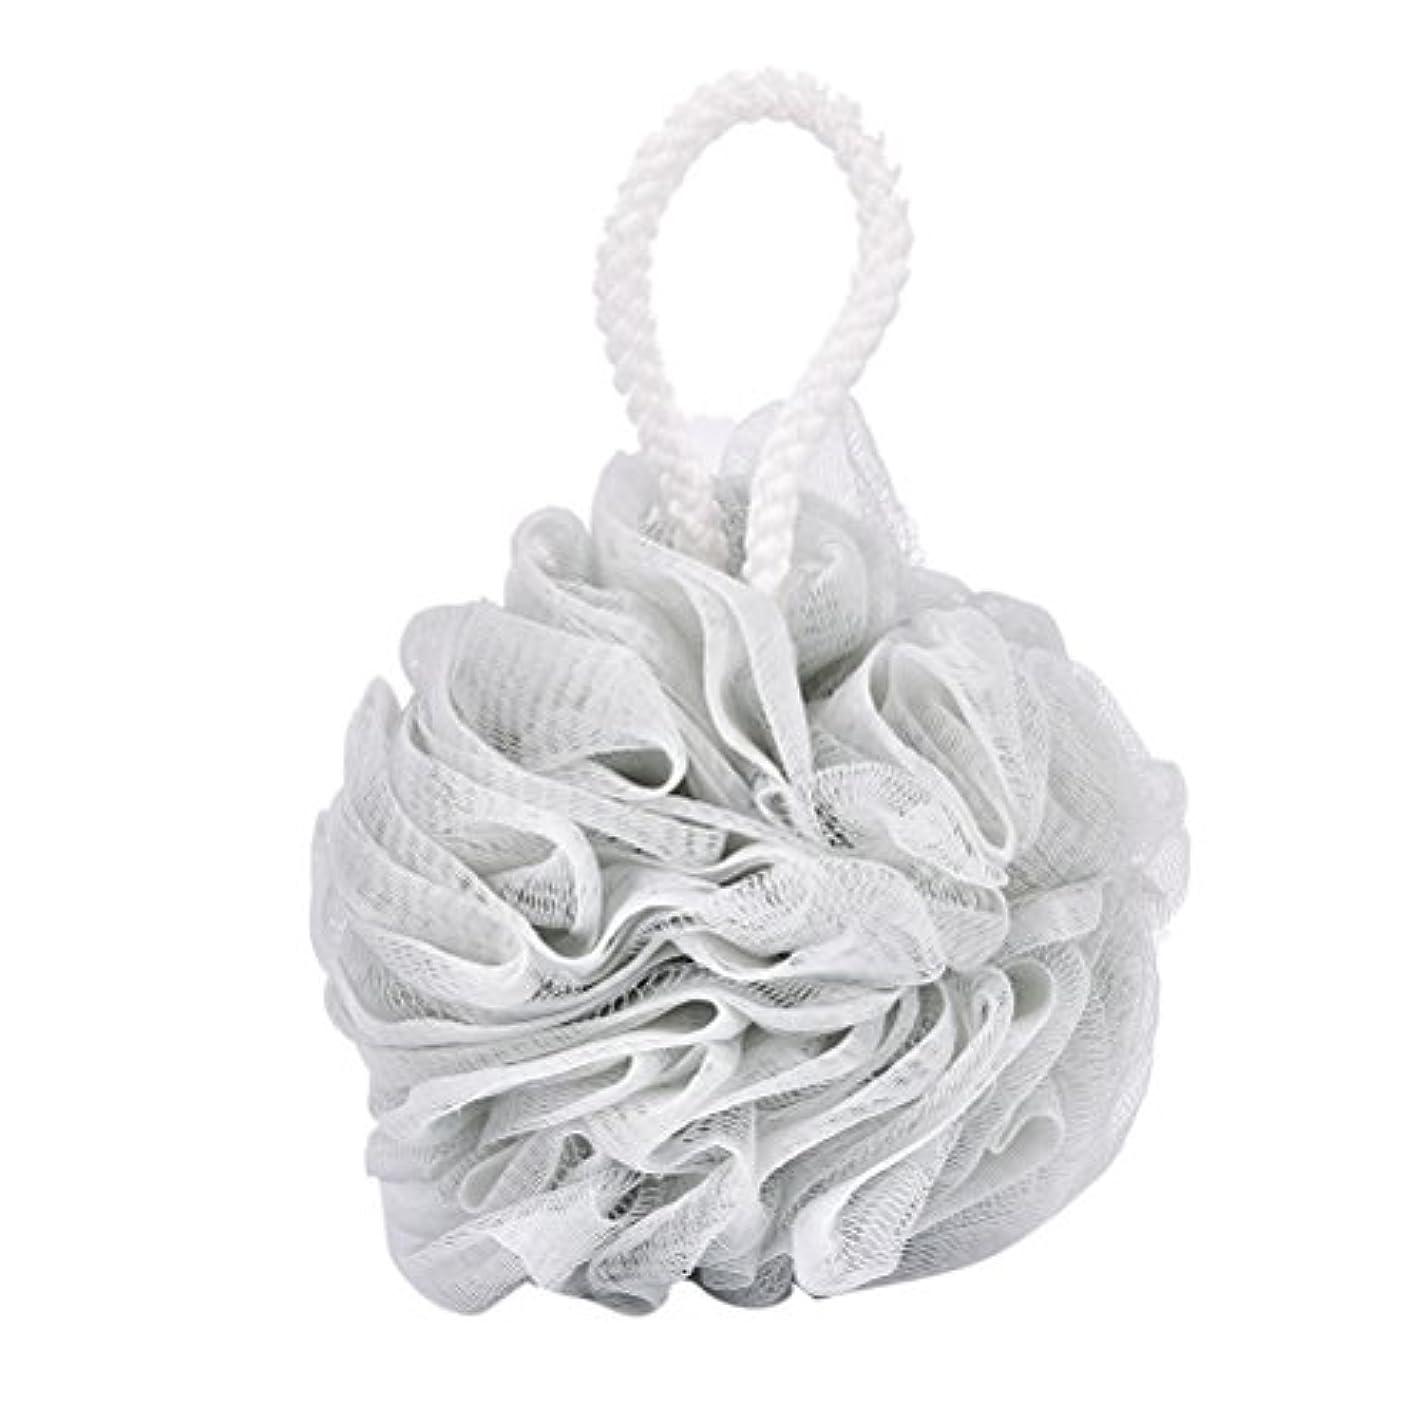 妊娠した管理する抽象化Tenlacum バスフラワーボールスポンジ 泡を泡立てるメッシュネット 超柔軟 ボディ 風呂ボール